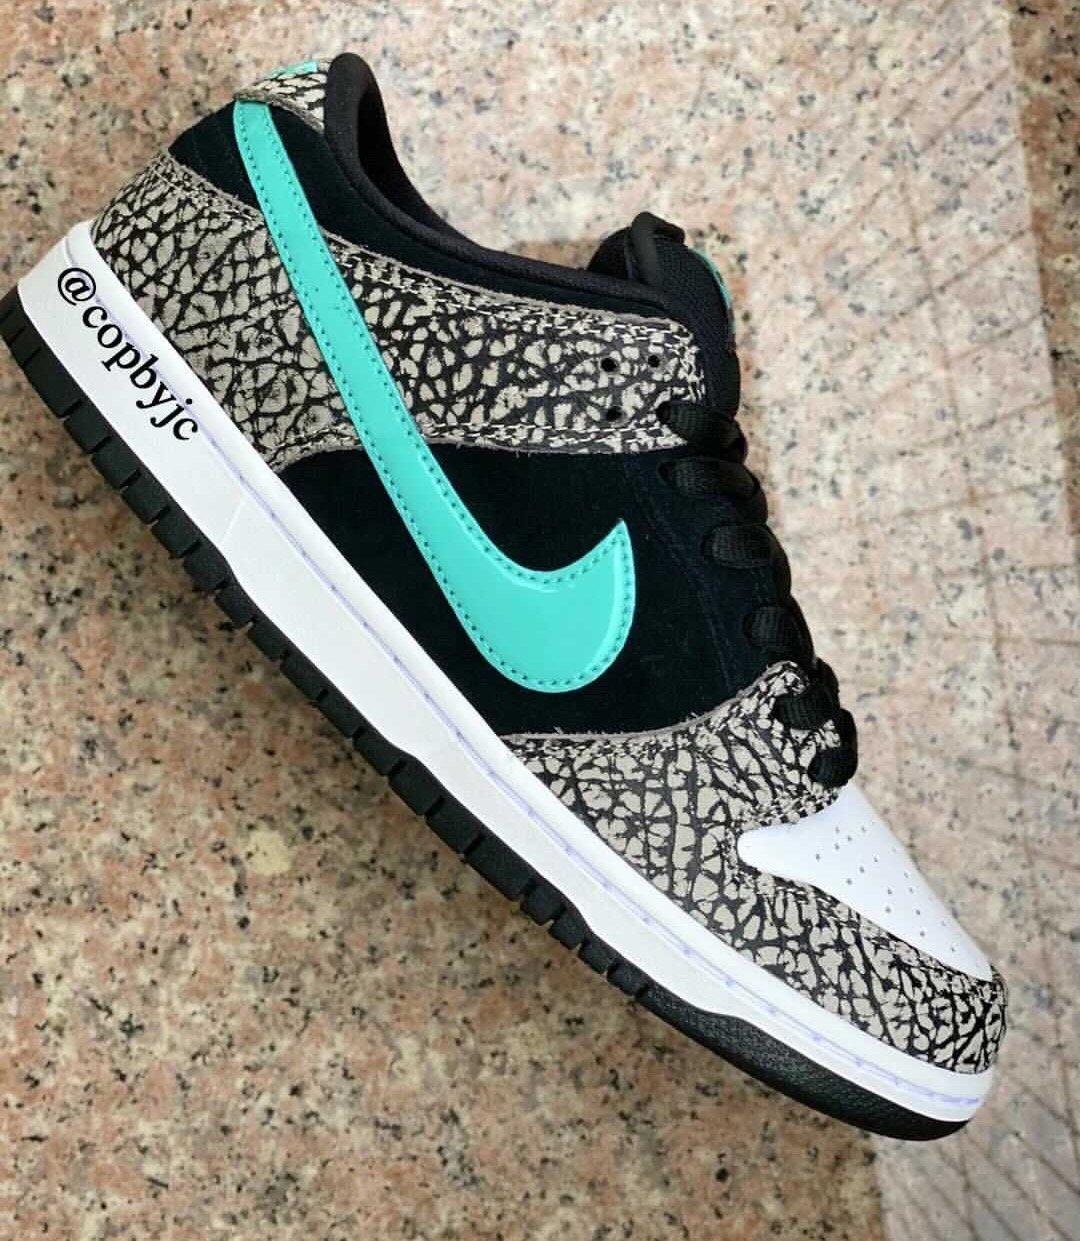 Nike SB Dunk Low Elephant BQ6817-009 Release Date